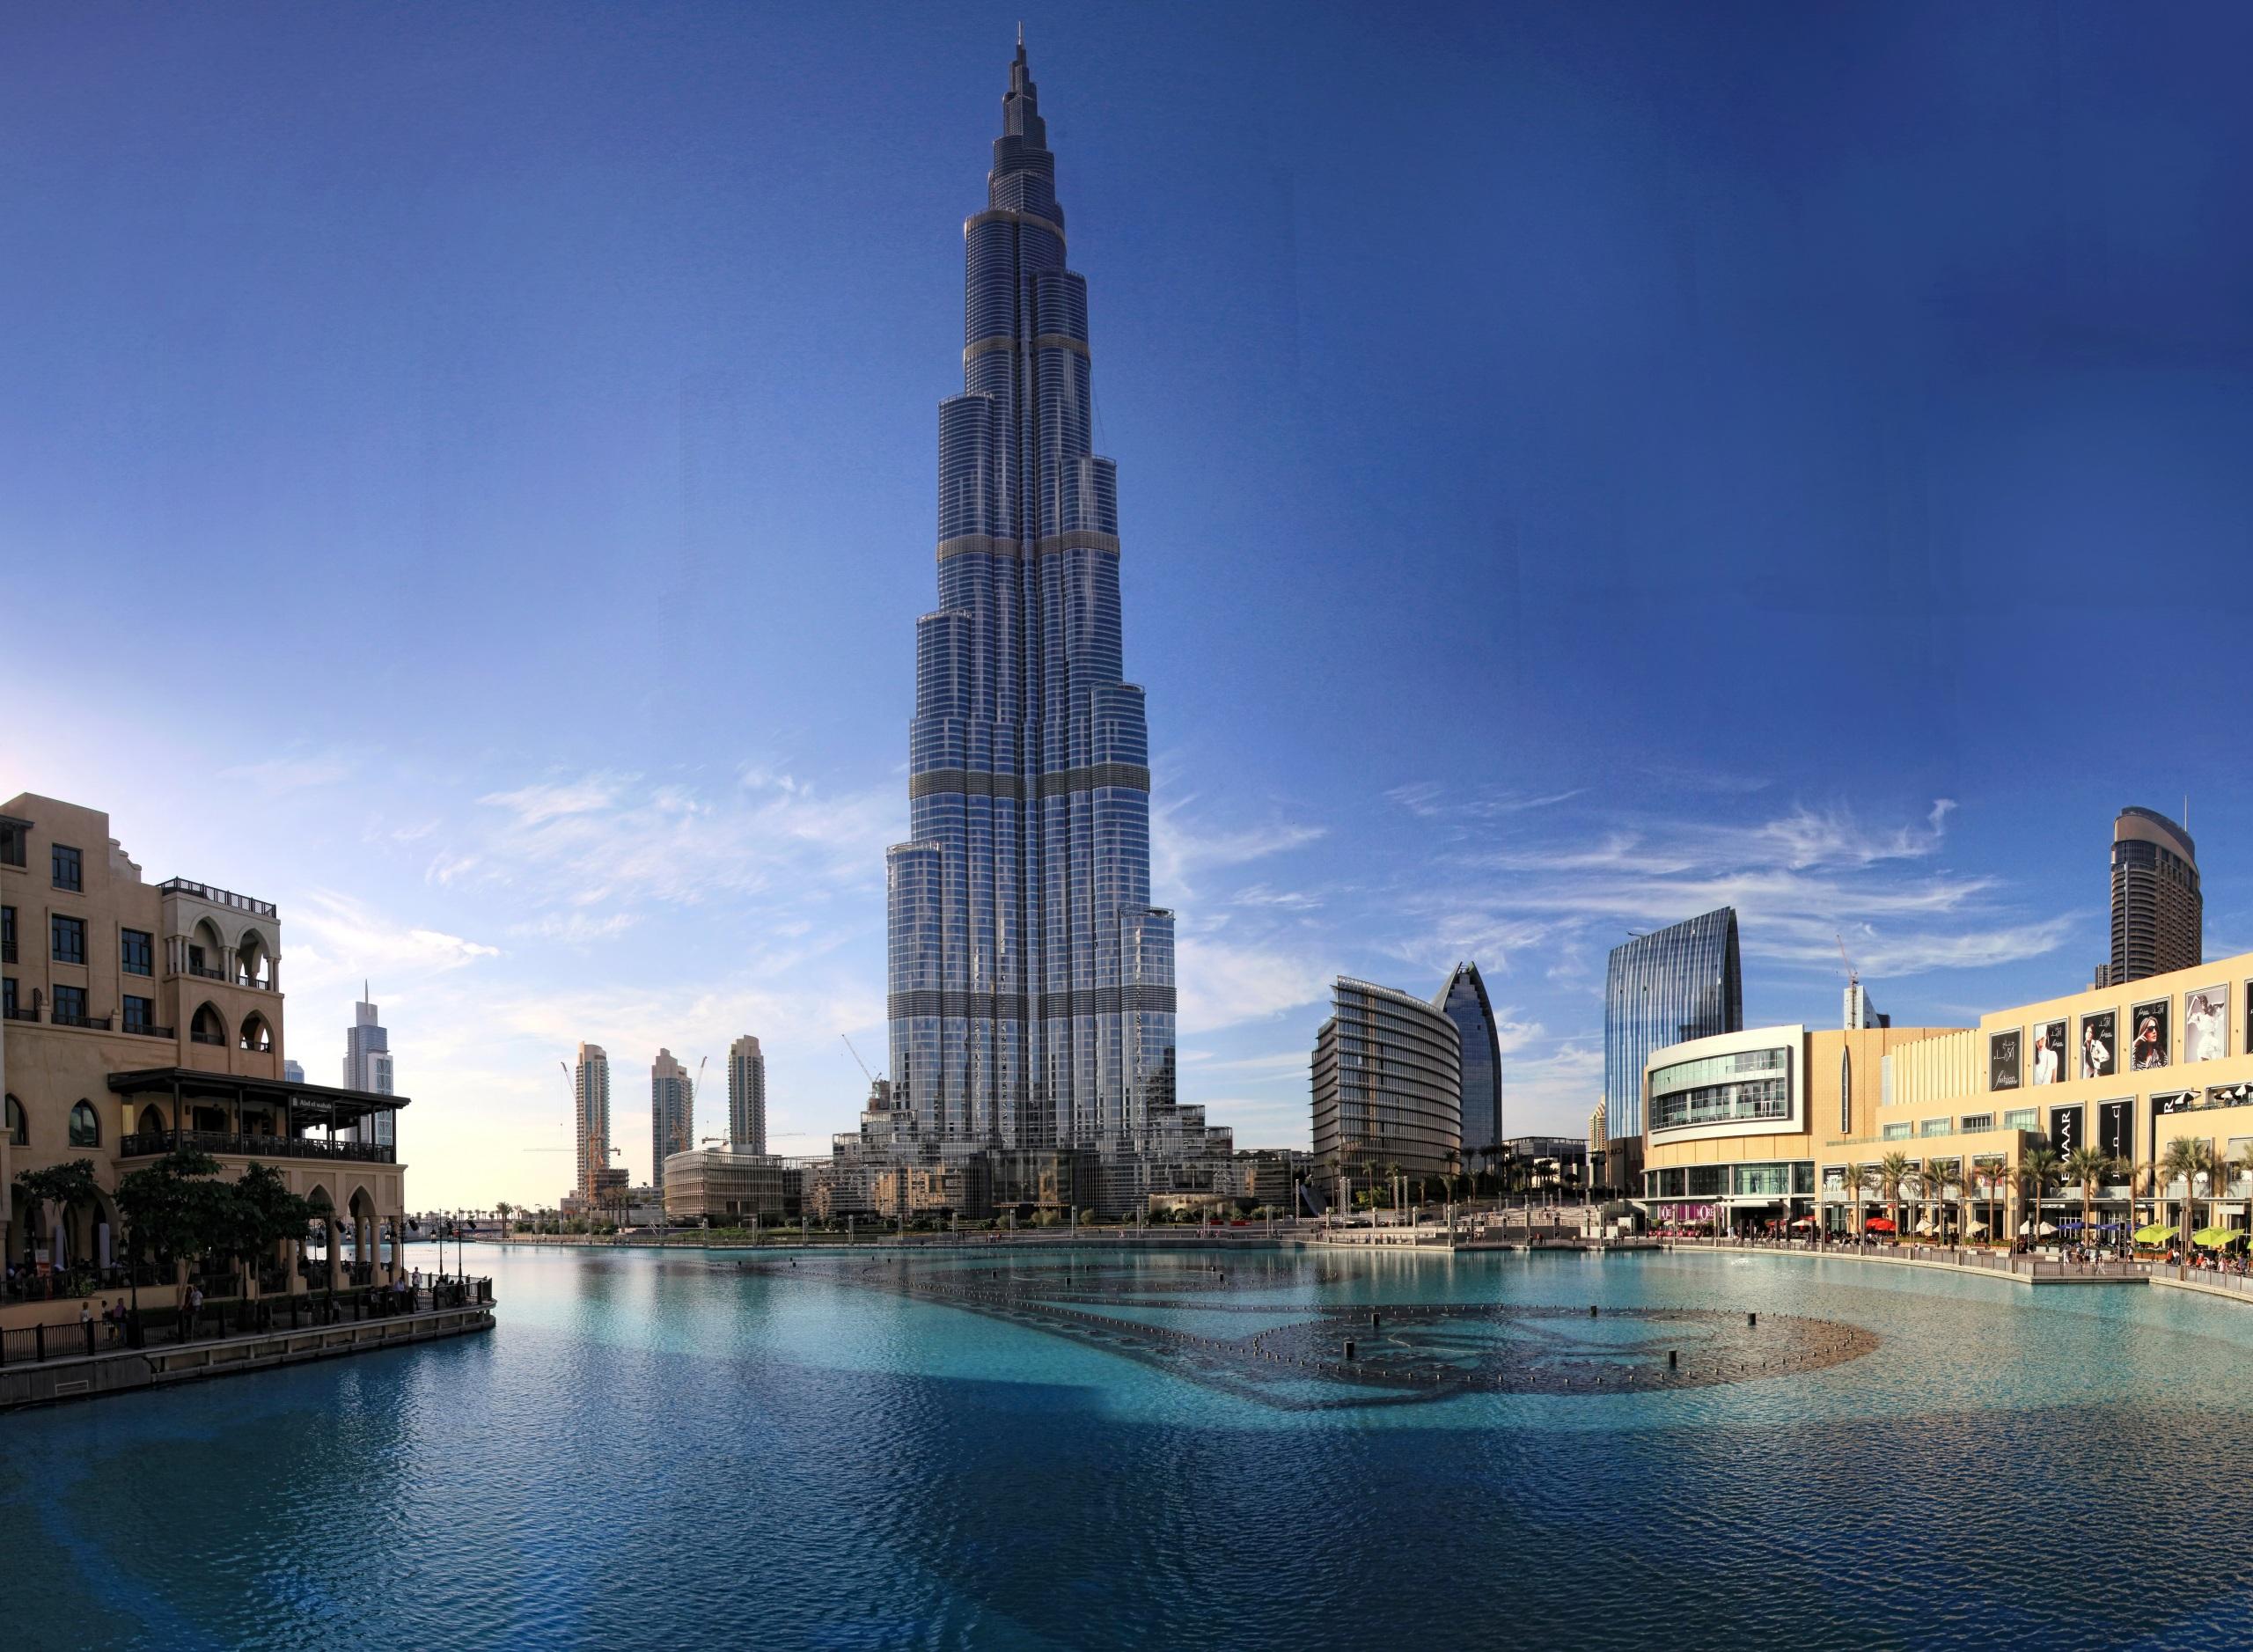 страны архитектура море Объединенные Арабские Эмираты бесплатно